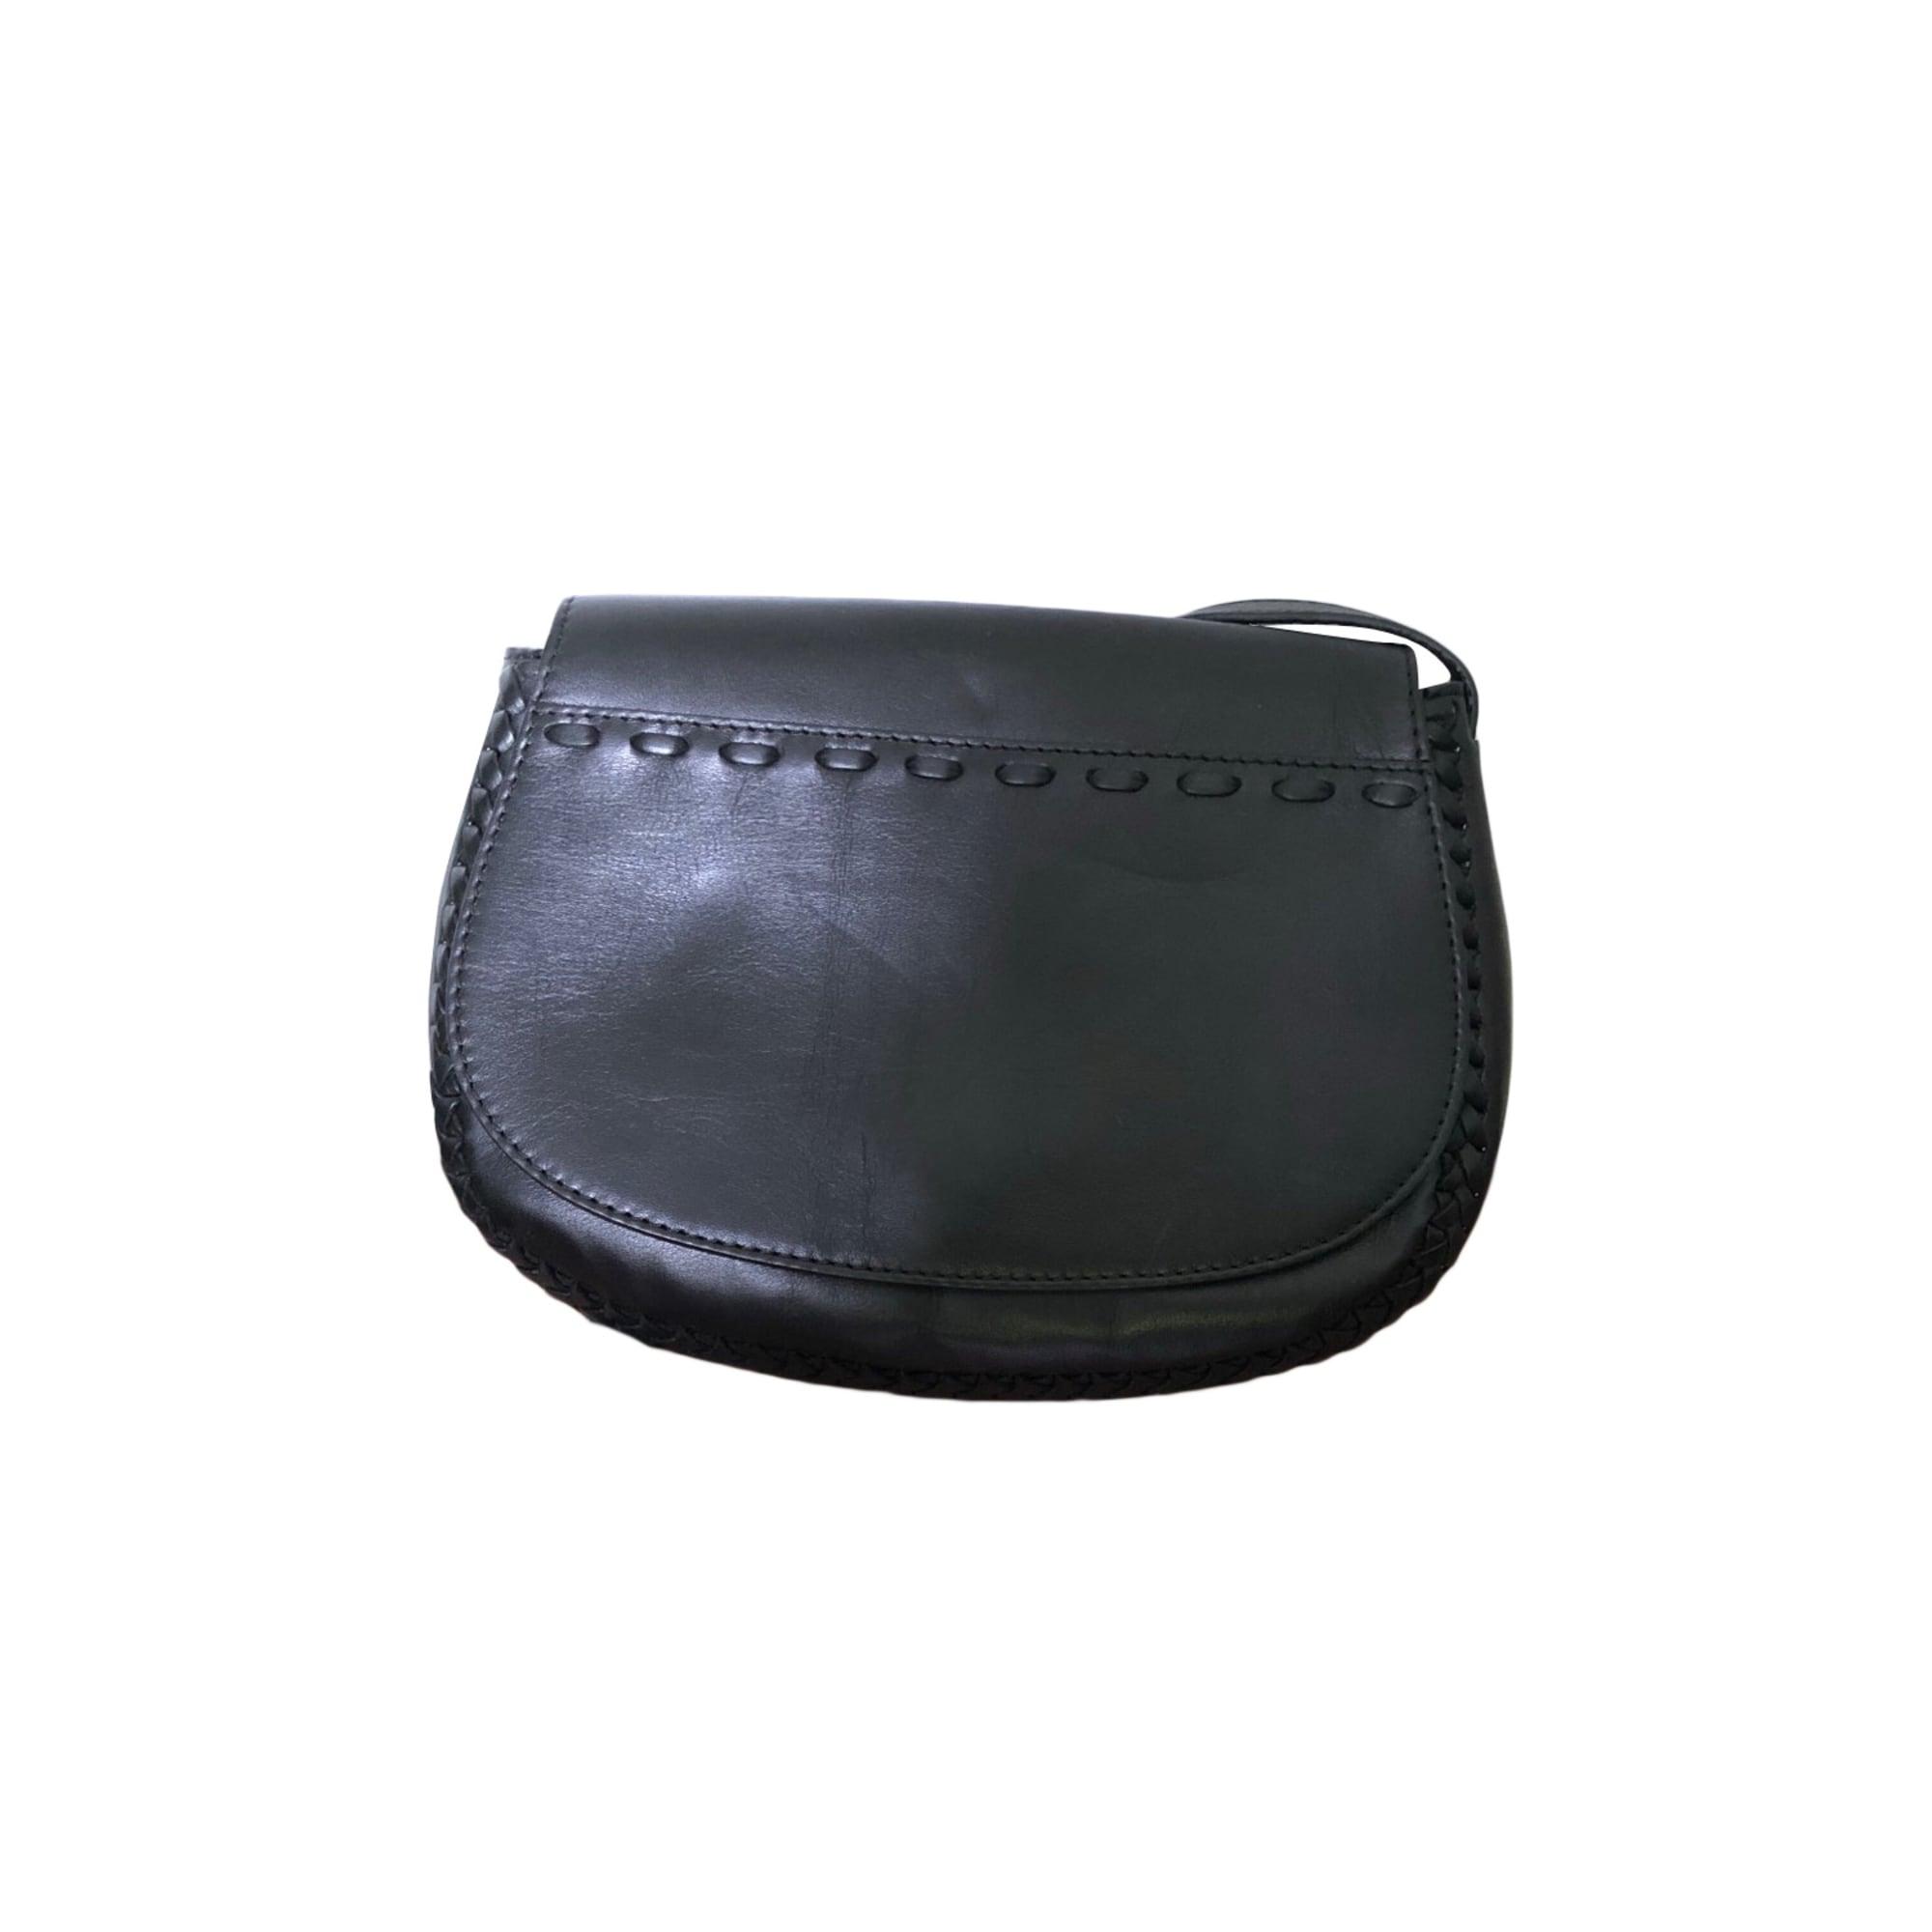 aad1acfd29 Sac en bandoulière en cuir GERARD DAREL noir - 8008396